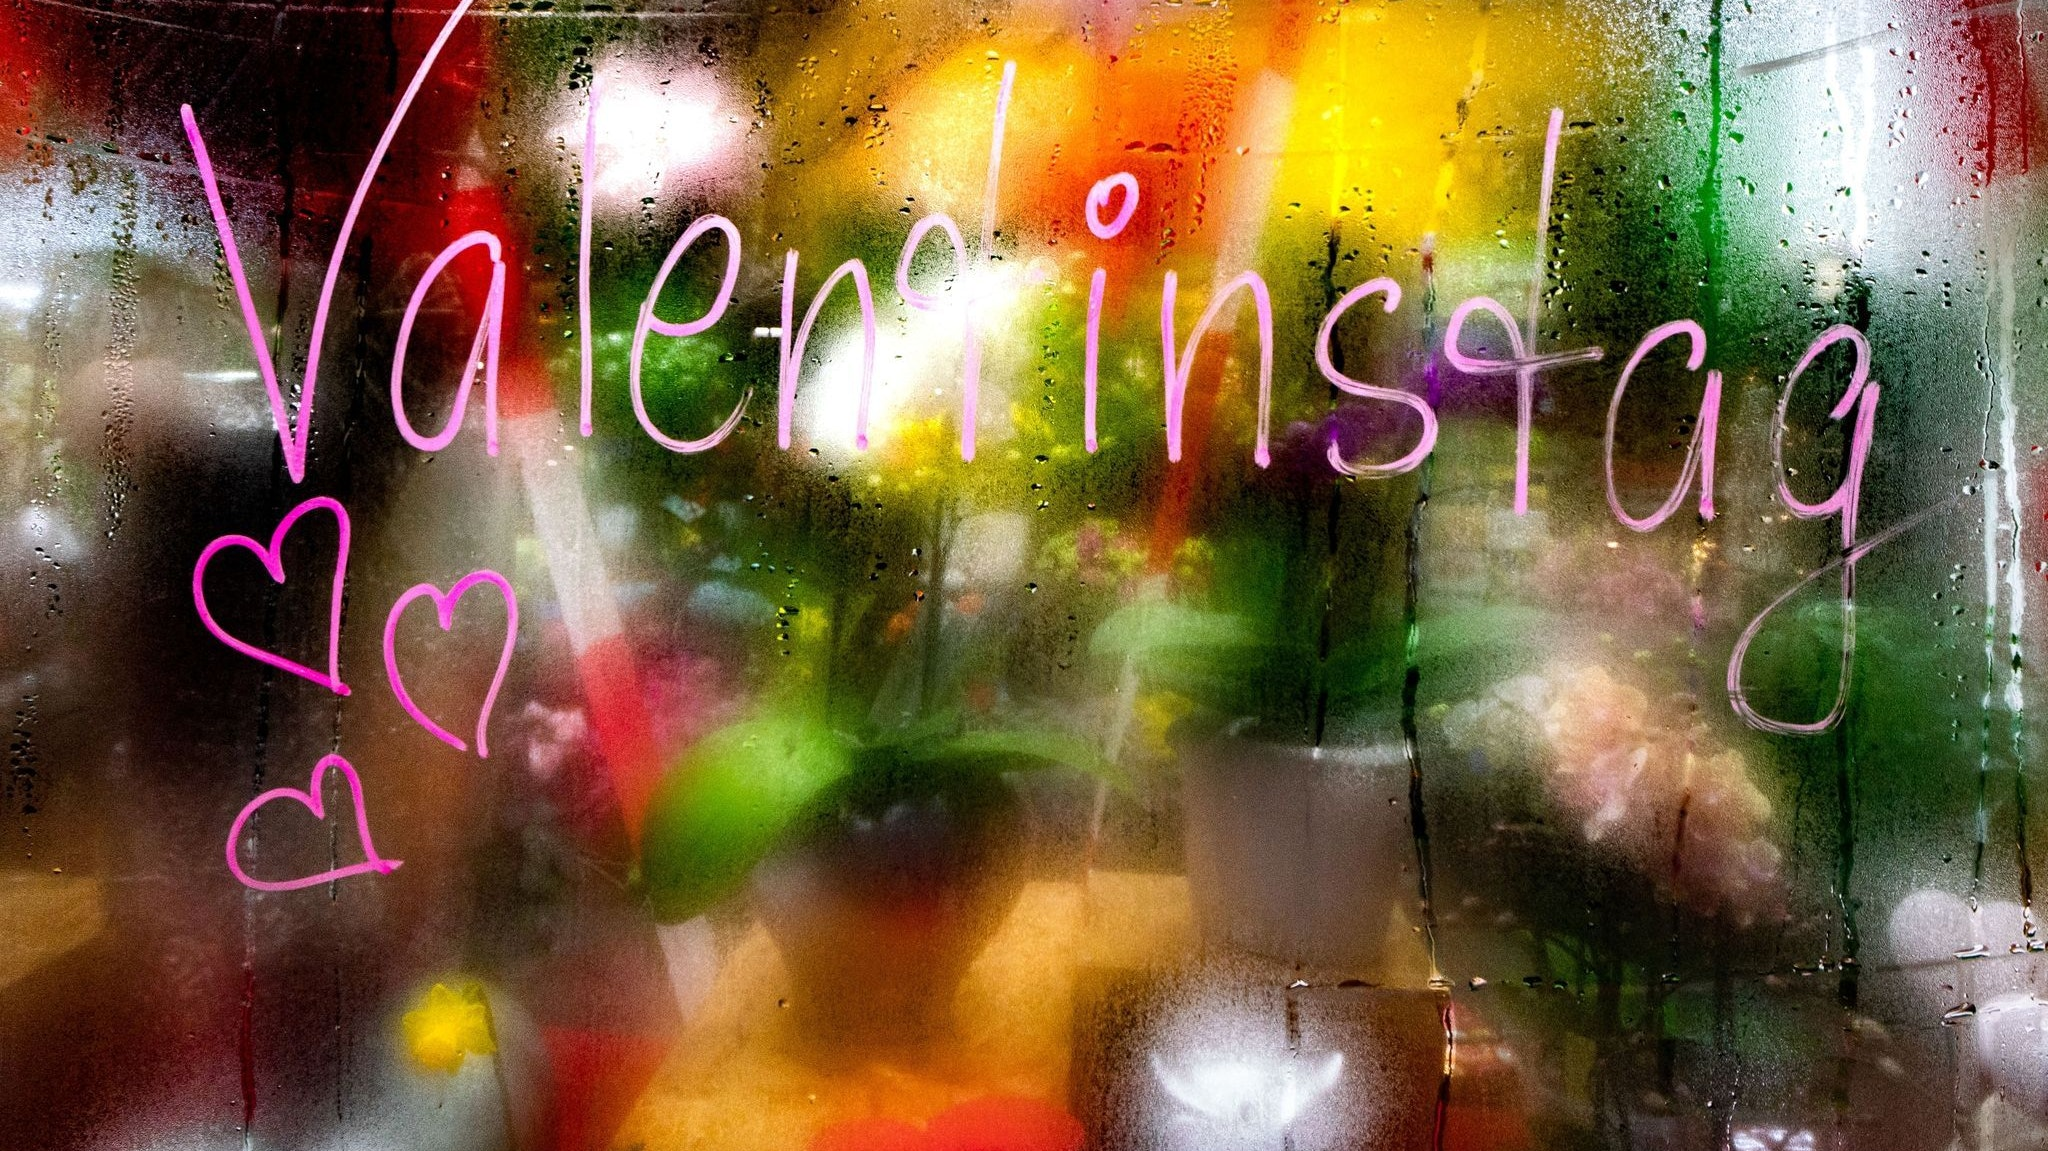 Großer Ansturm: Am Wochenende, pünktlich zum Valentinstag, durften die Blumenhändler und Gartencenter wieder öffnen. Foto: dpa/Rumpenhorstr